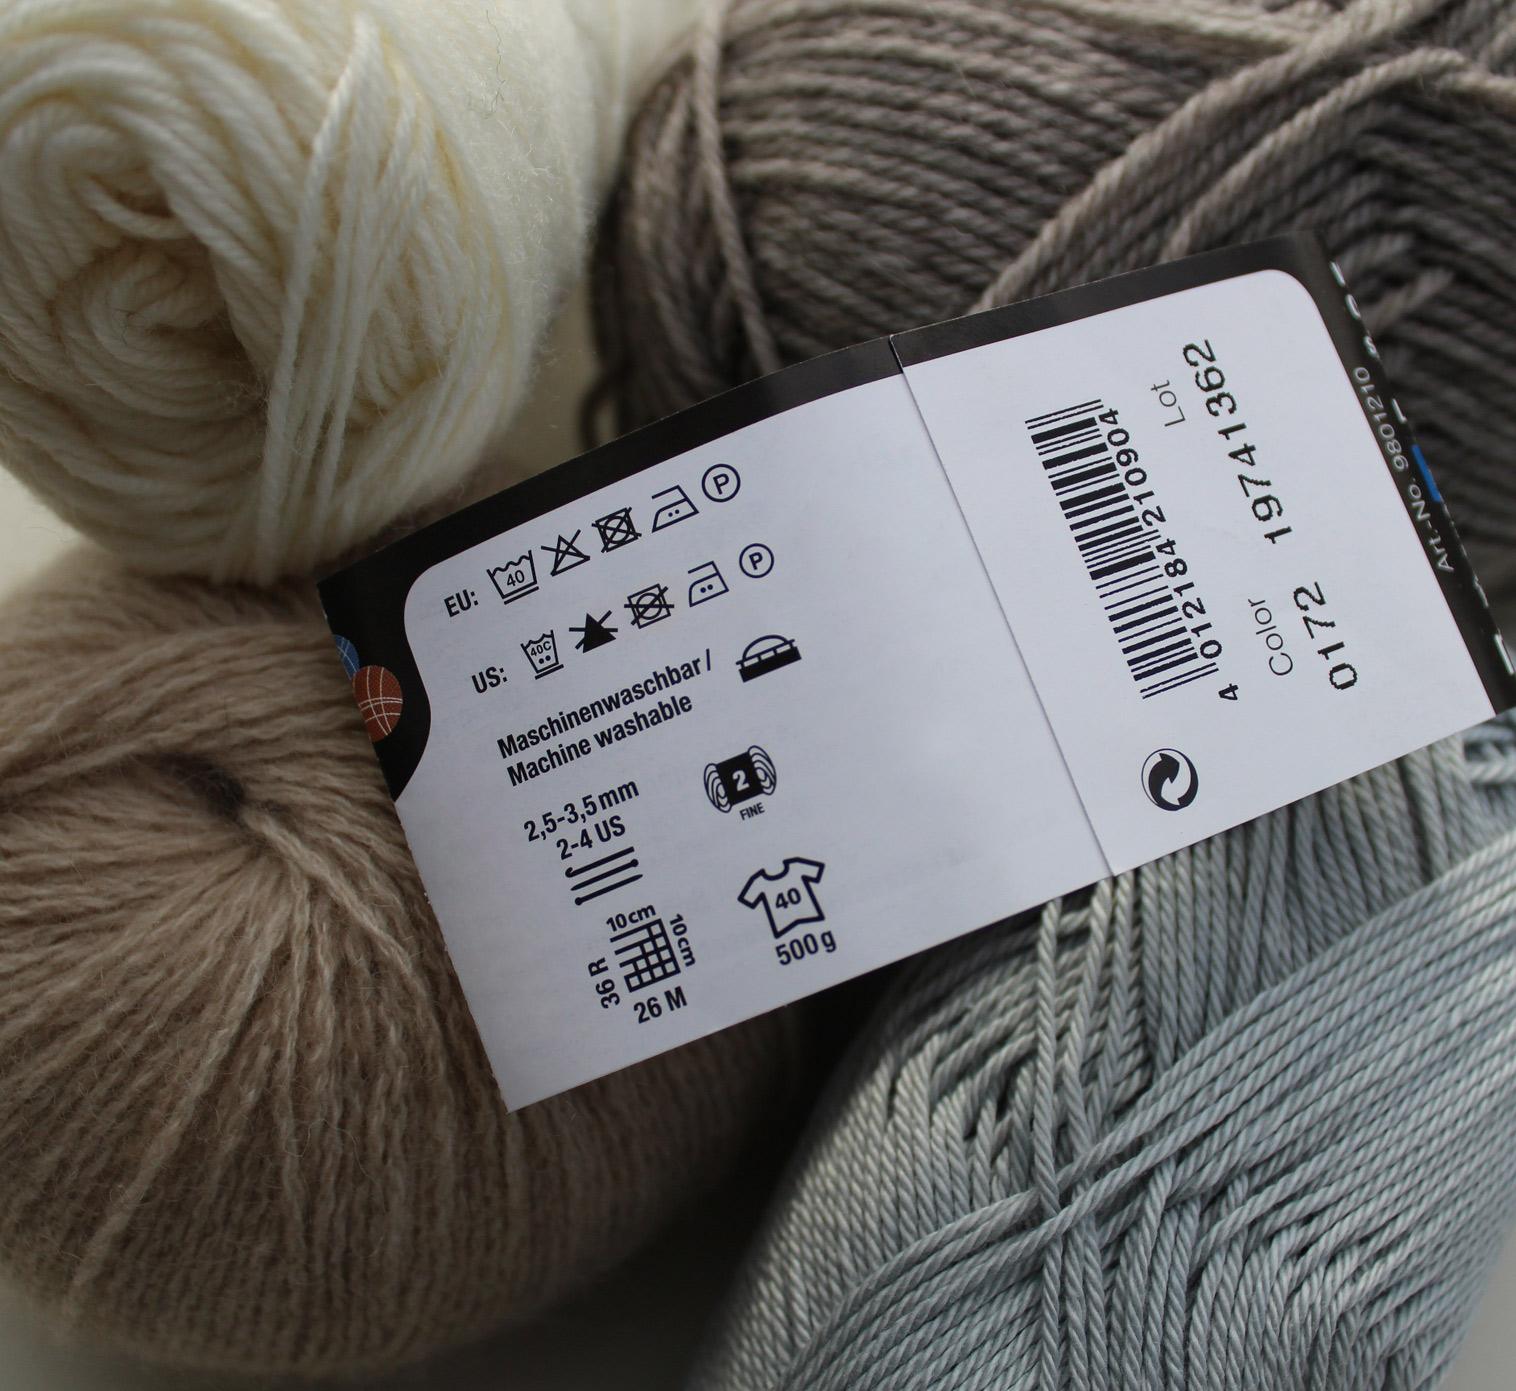 Sechs Tipps für den Wolleinkauf. Worauf muss man beim Wollkauf achten? Das erklärt dieser Informationsbeitrag.